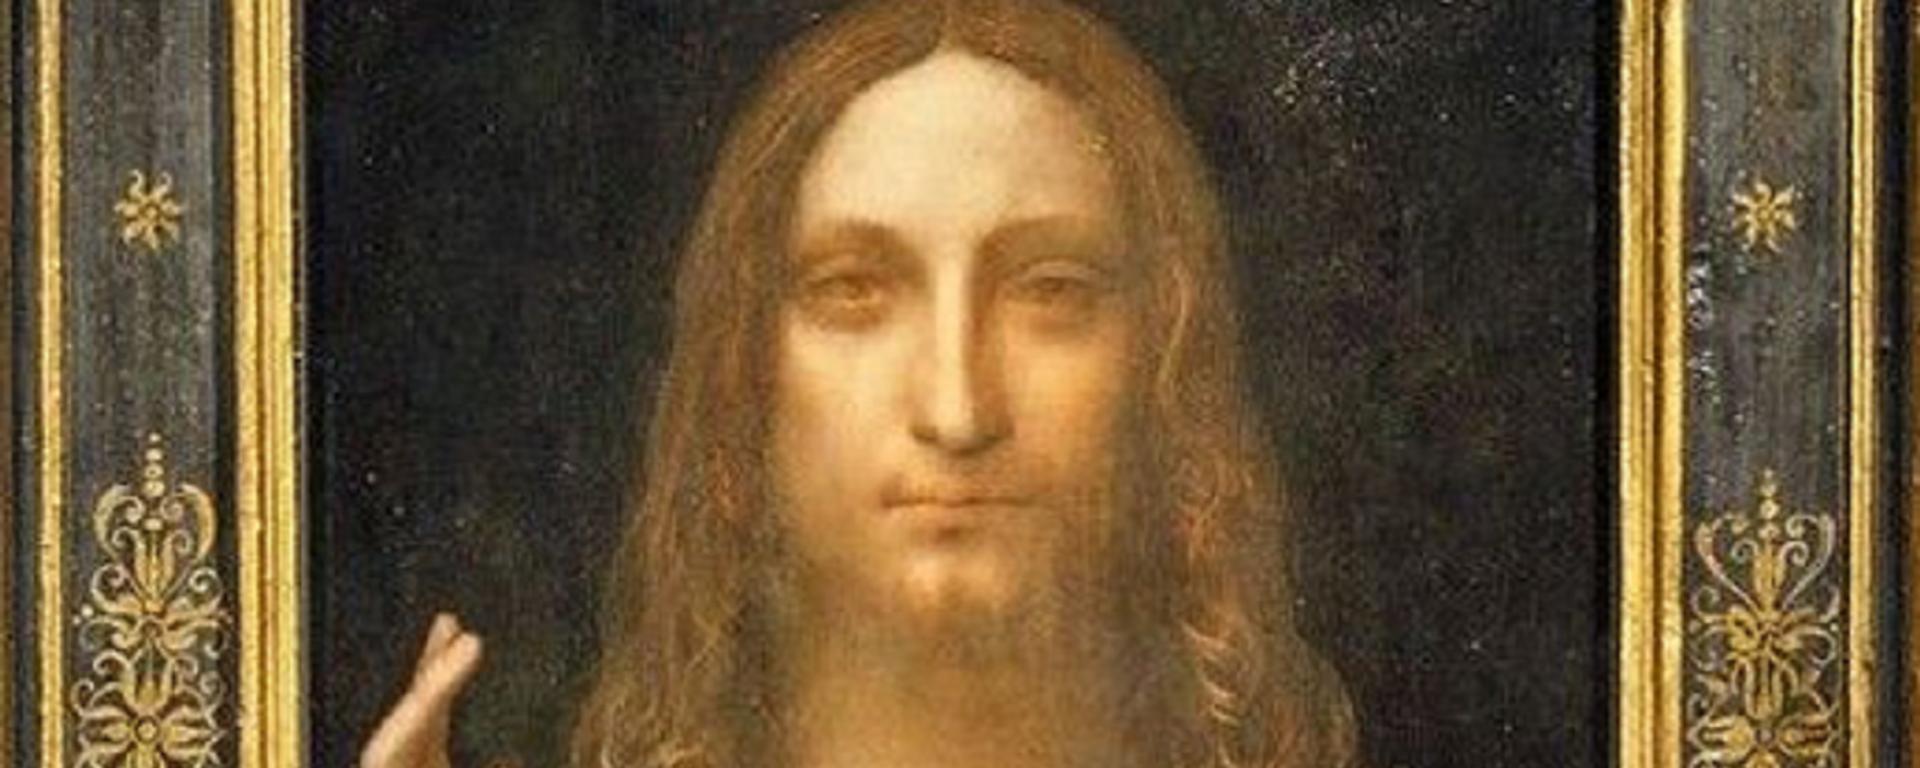 'Salvator Mundi', cuadro atribuido a Leonardo da Vinci - Sputnik Mundo, 1920, 14.04.2021